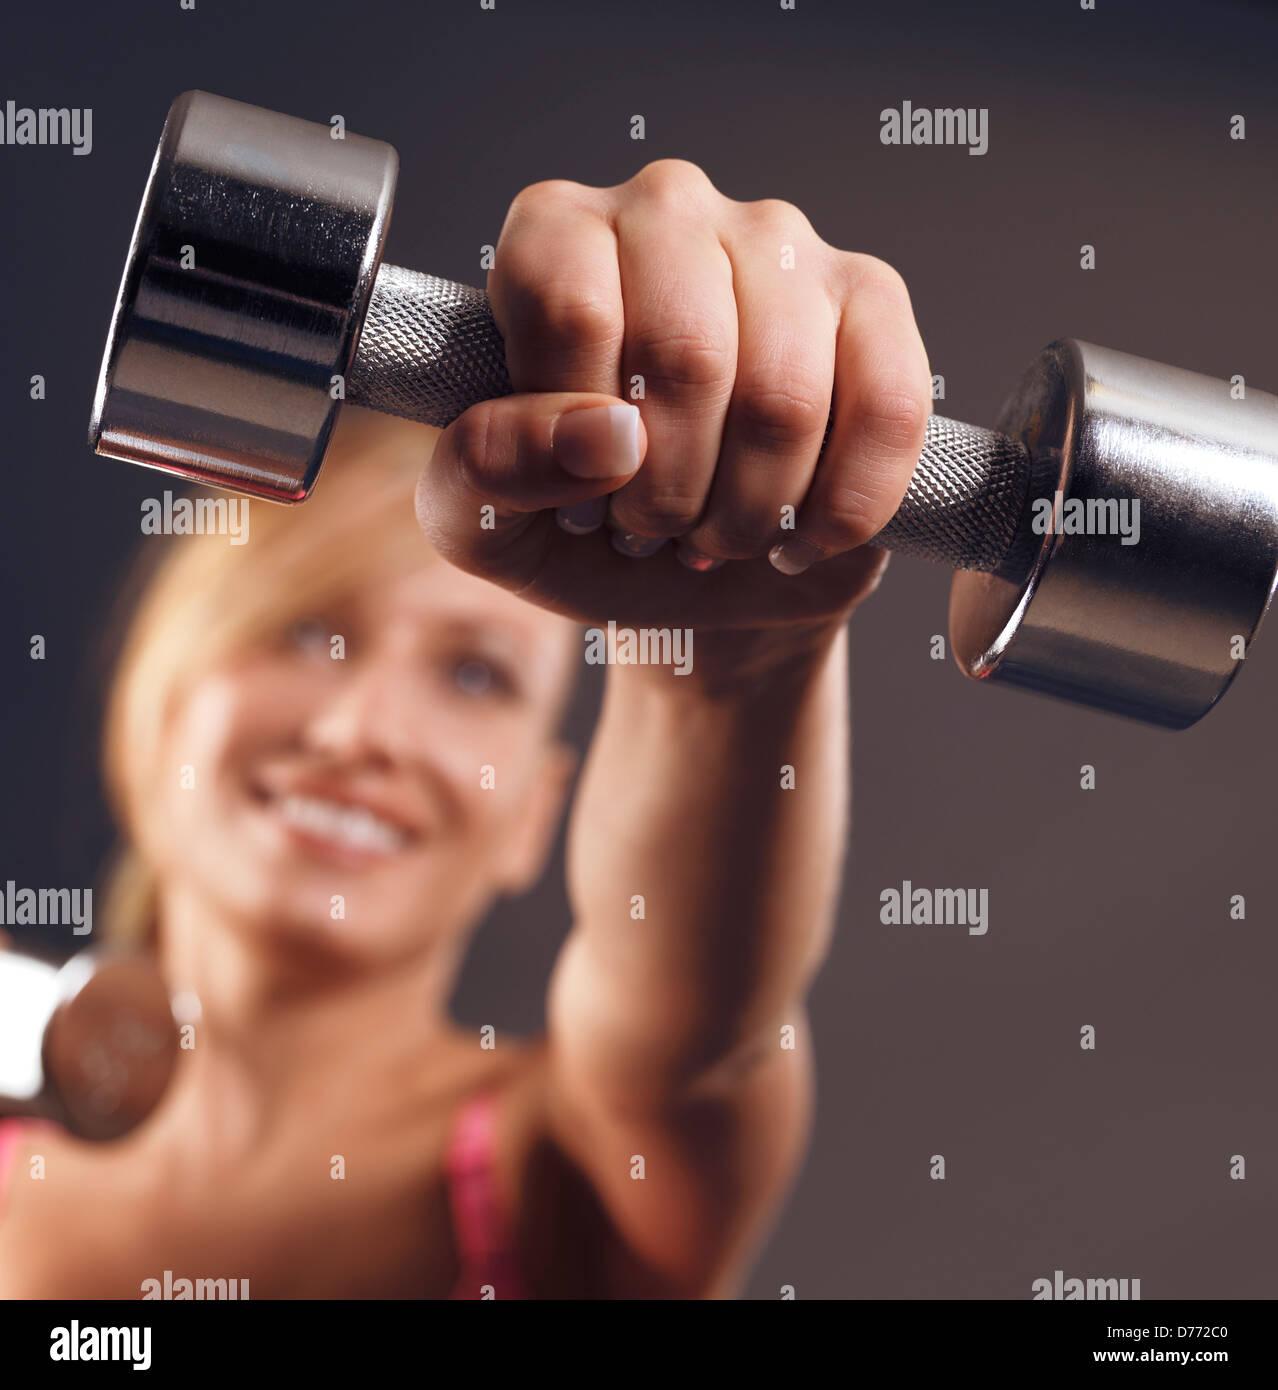 Giovane donna sorridente facendo cardio fitness con pesi, primo piano di una mano con un manubrio Immagini Stock